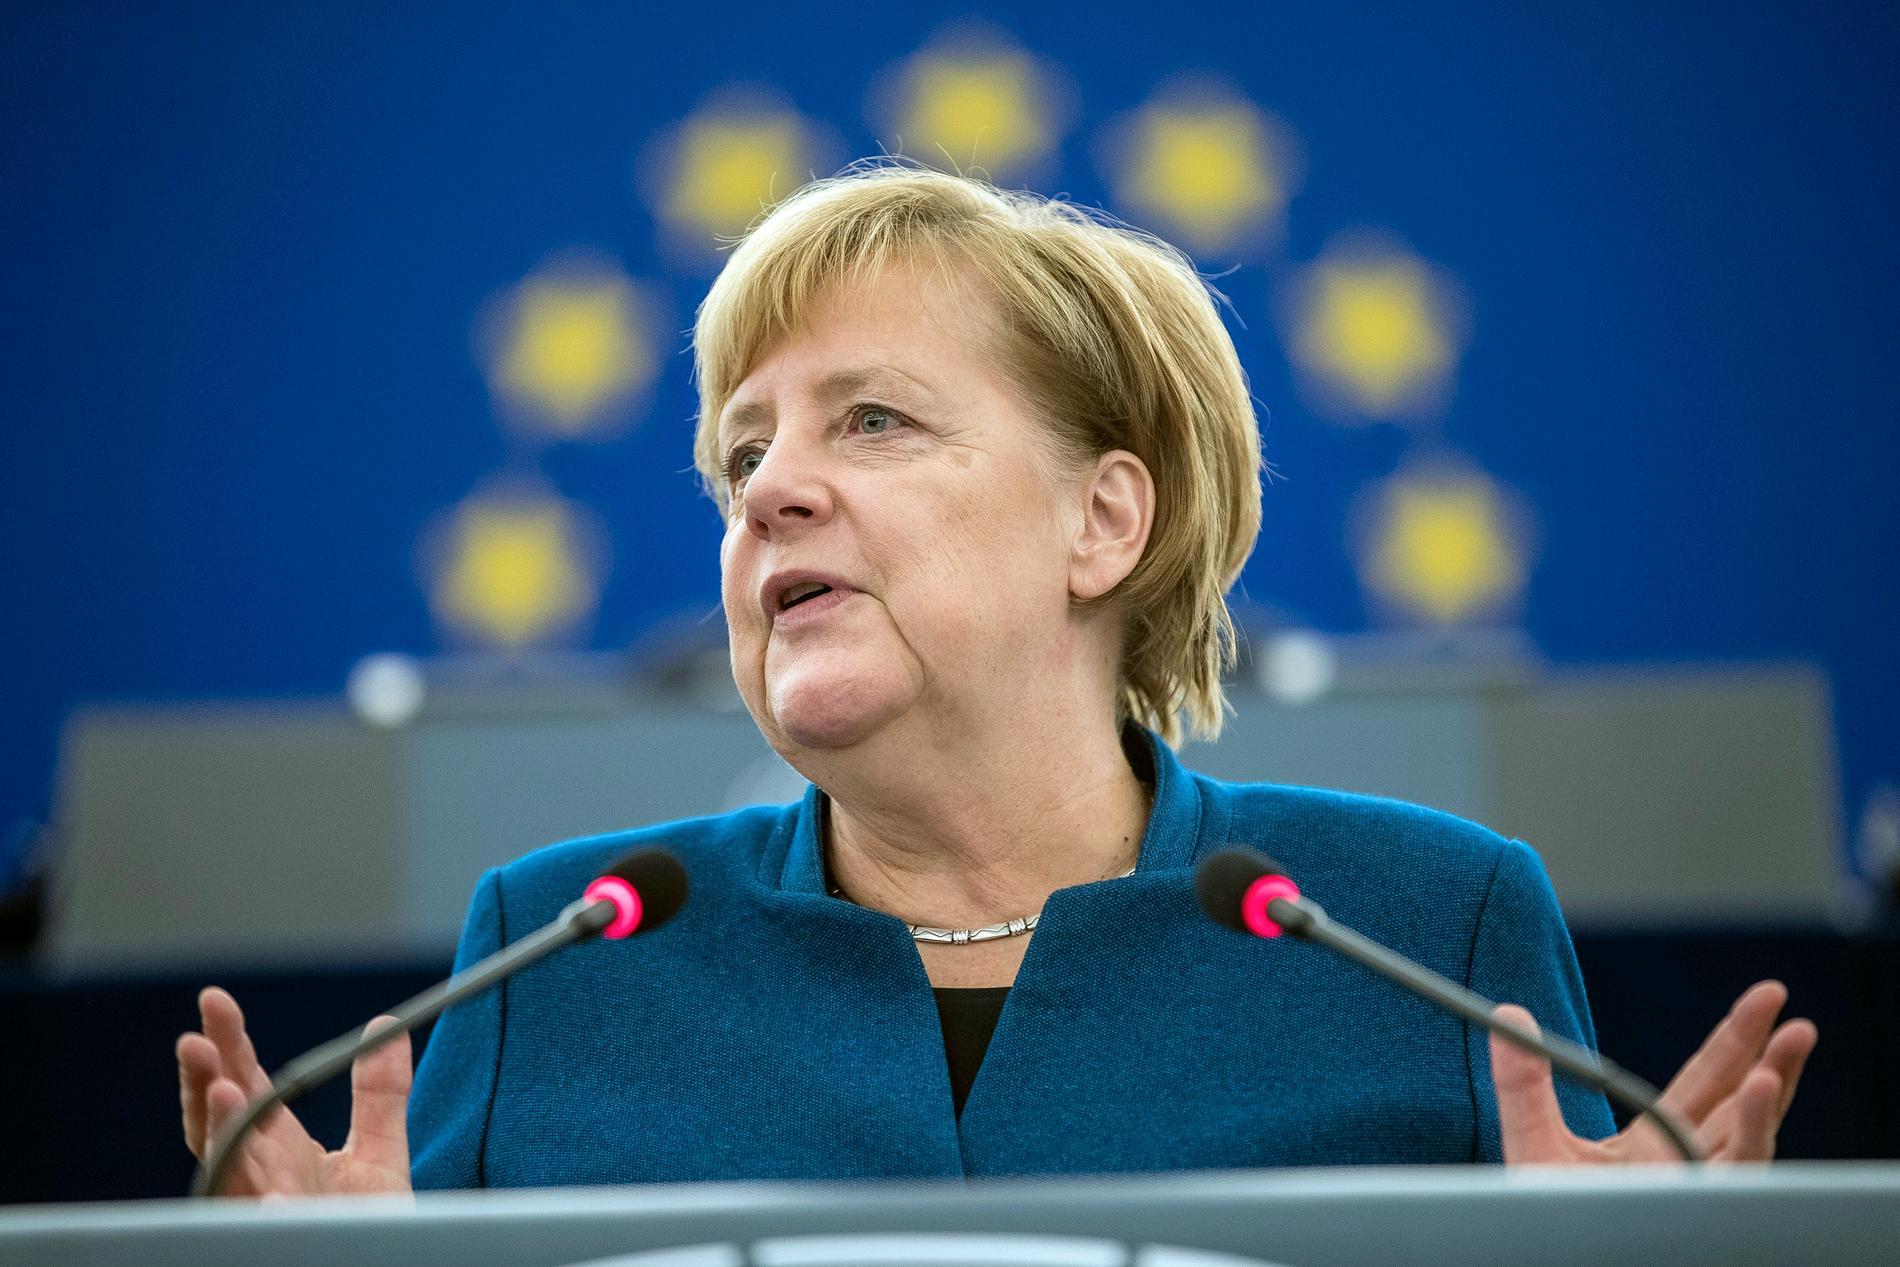 Tysklands förbundskansler Angela Merkel i EU-parlamentet i Strasbourg.